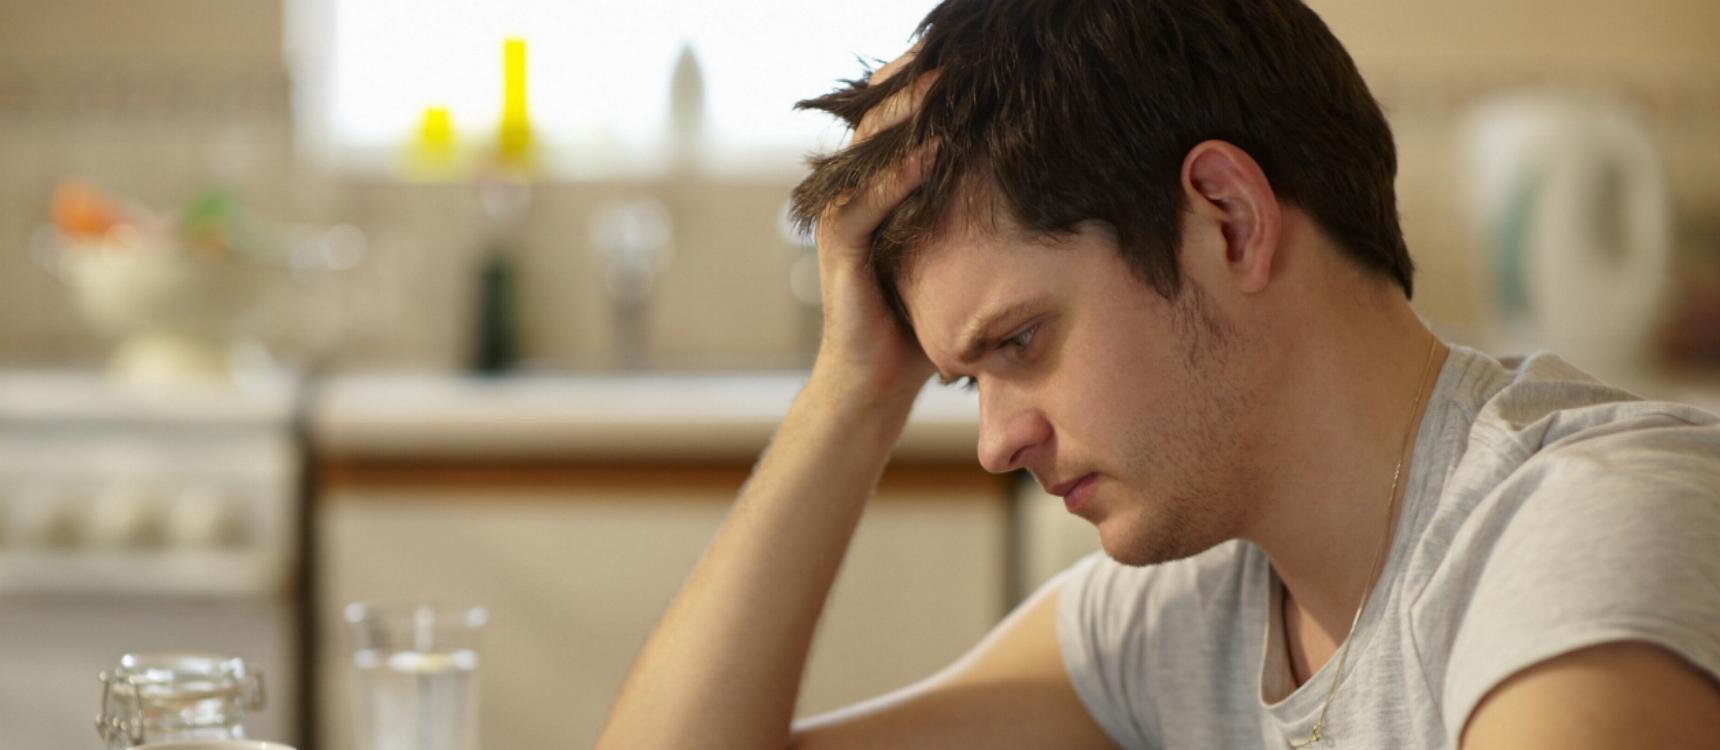 Симптомы отмены – слабые, умеренные или сильные?